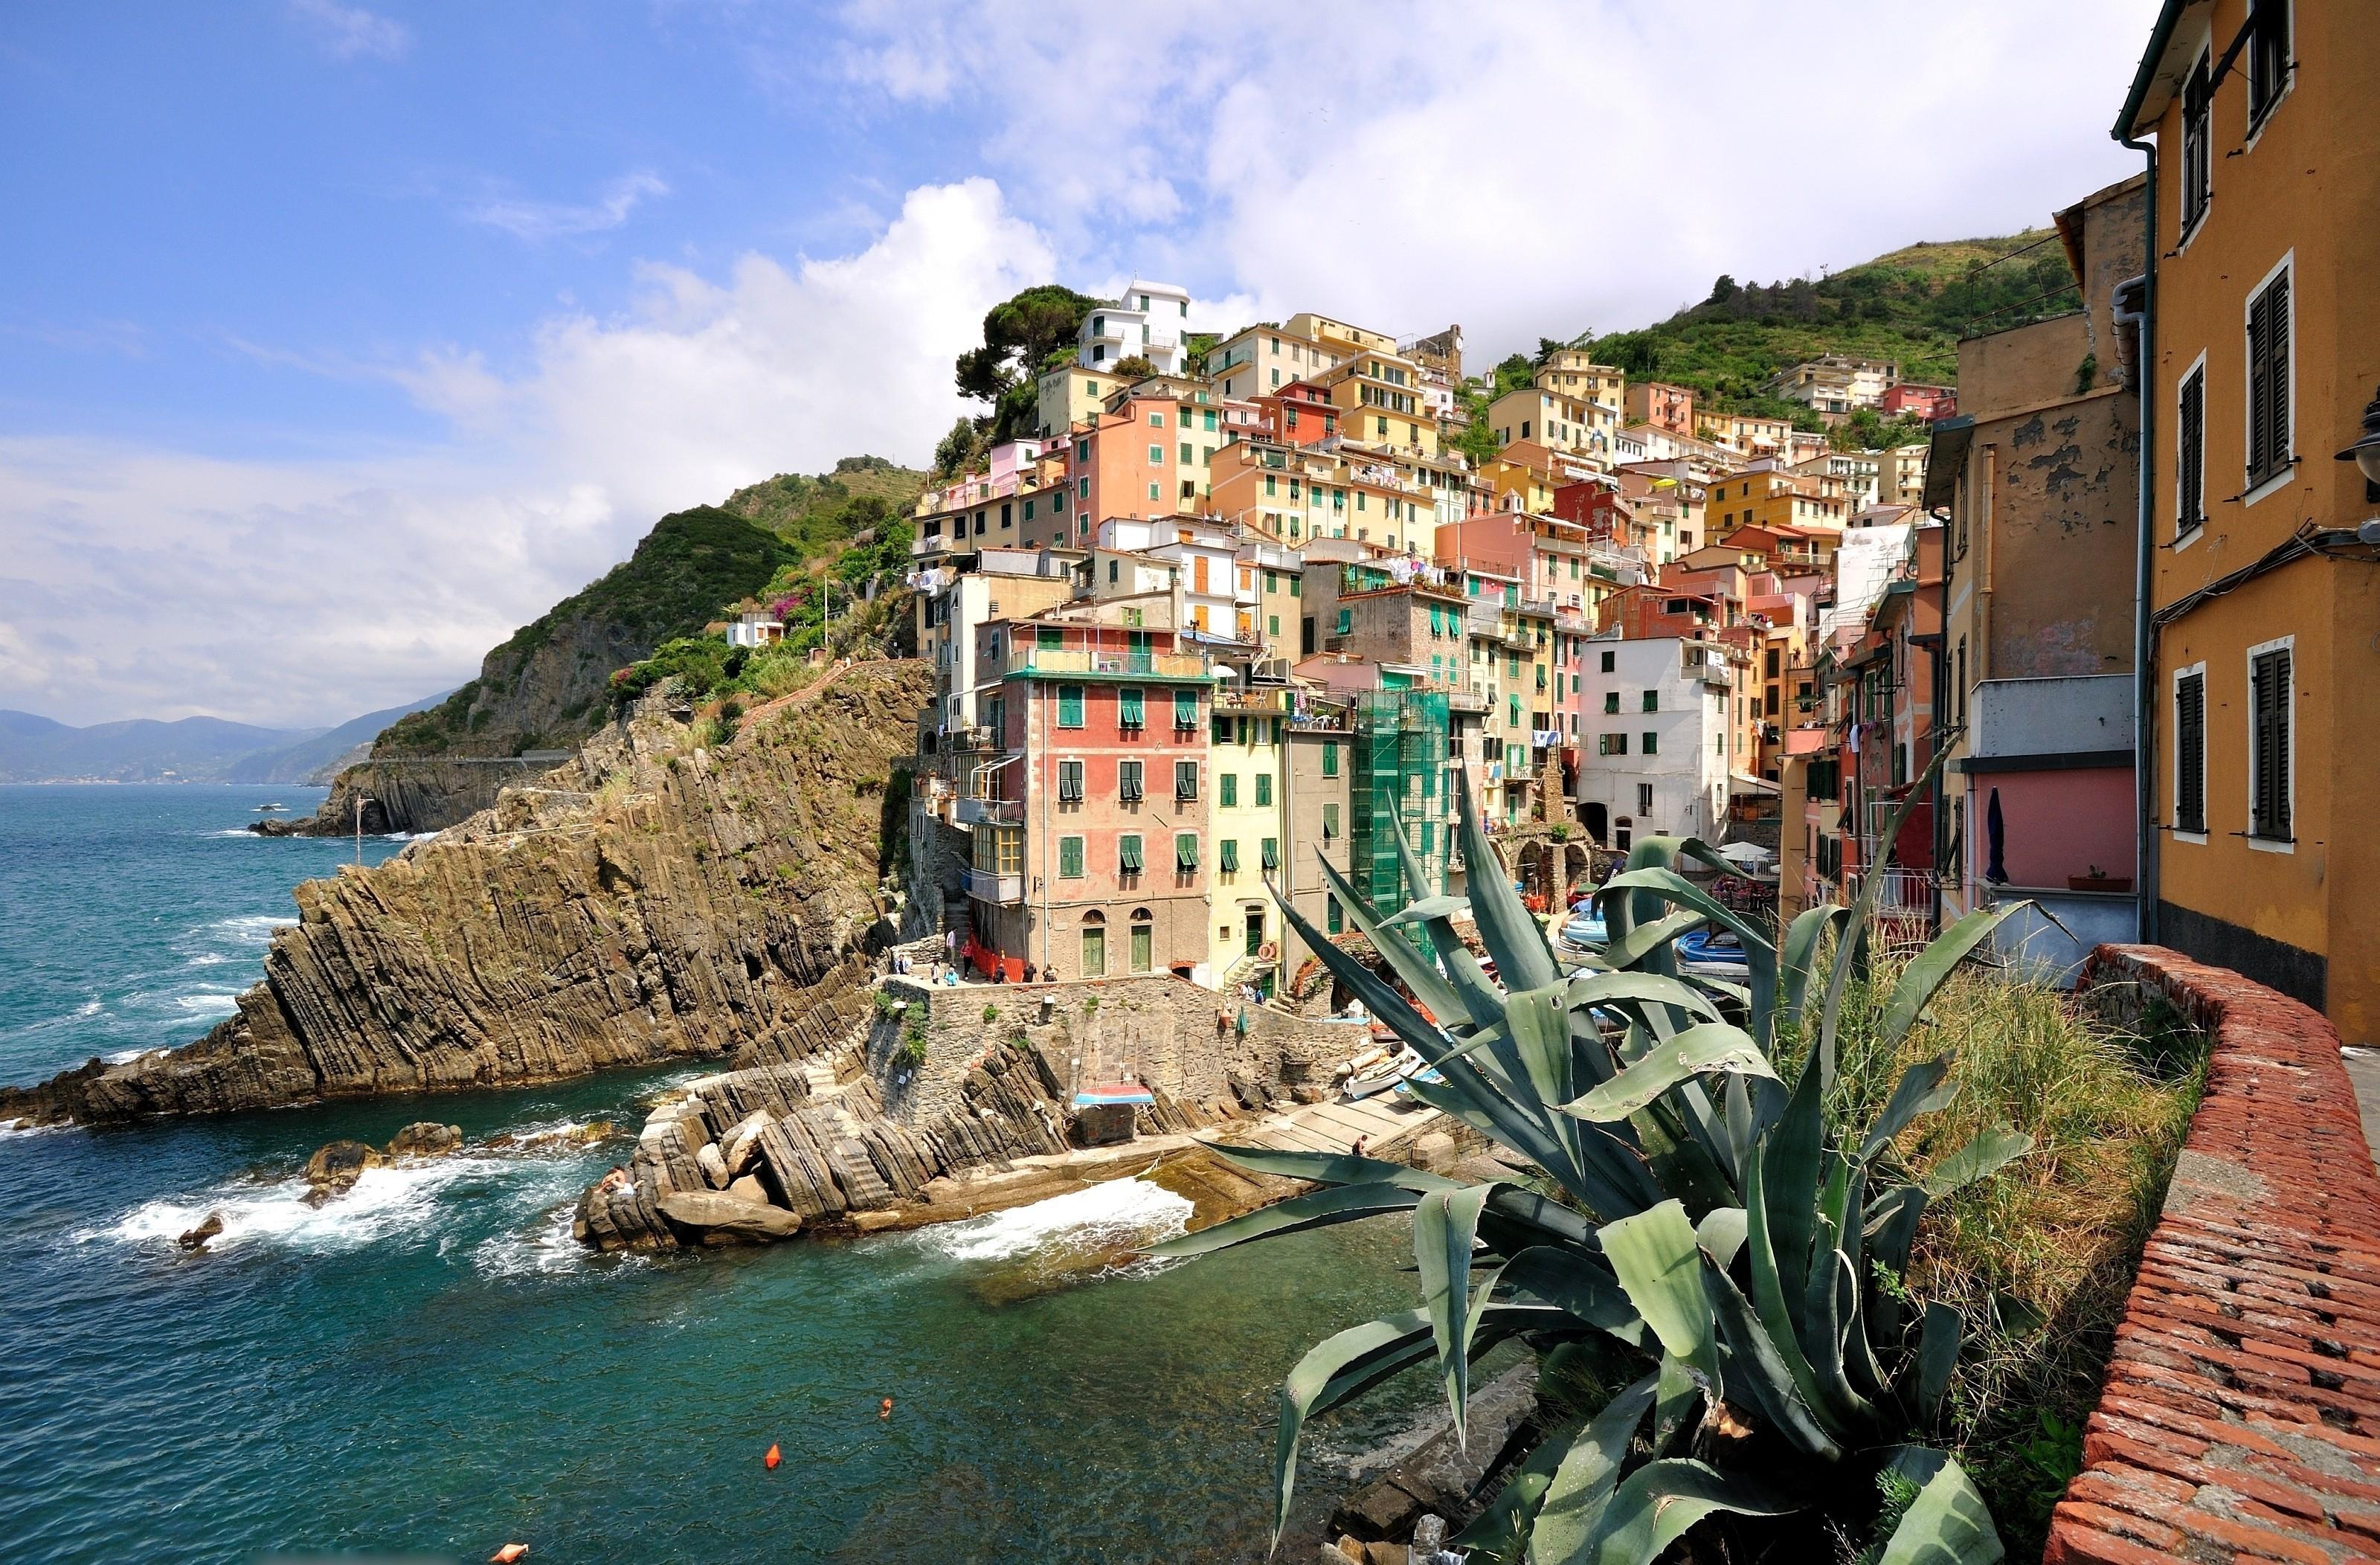 Man Made - Riomaggiore Cinque Terre Liguria Italy Wallpaper